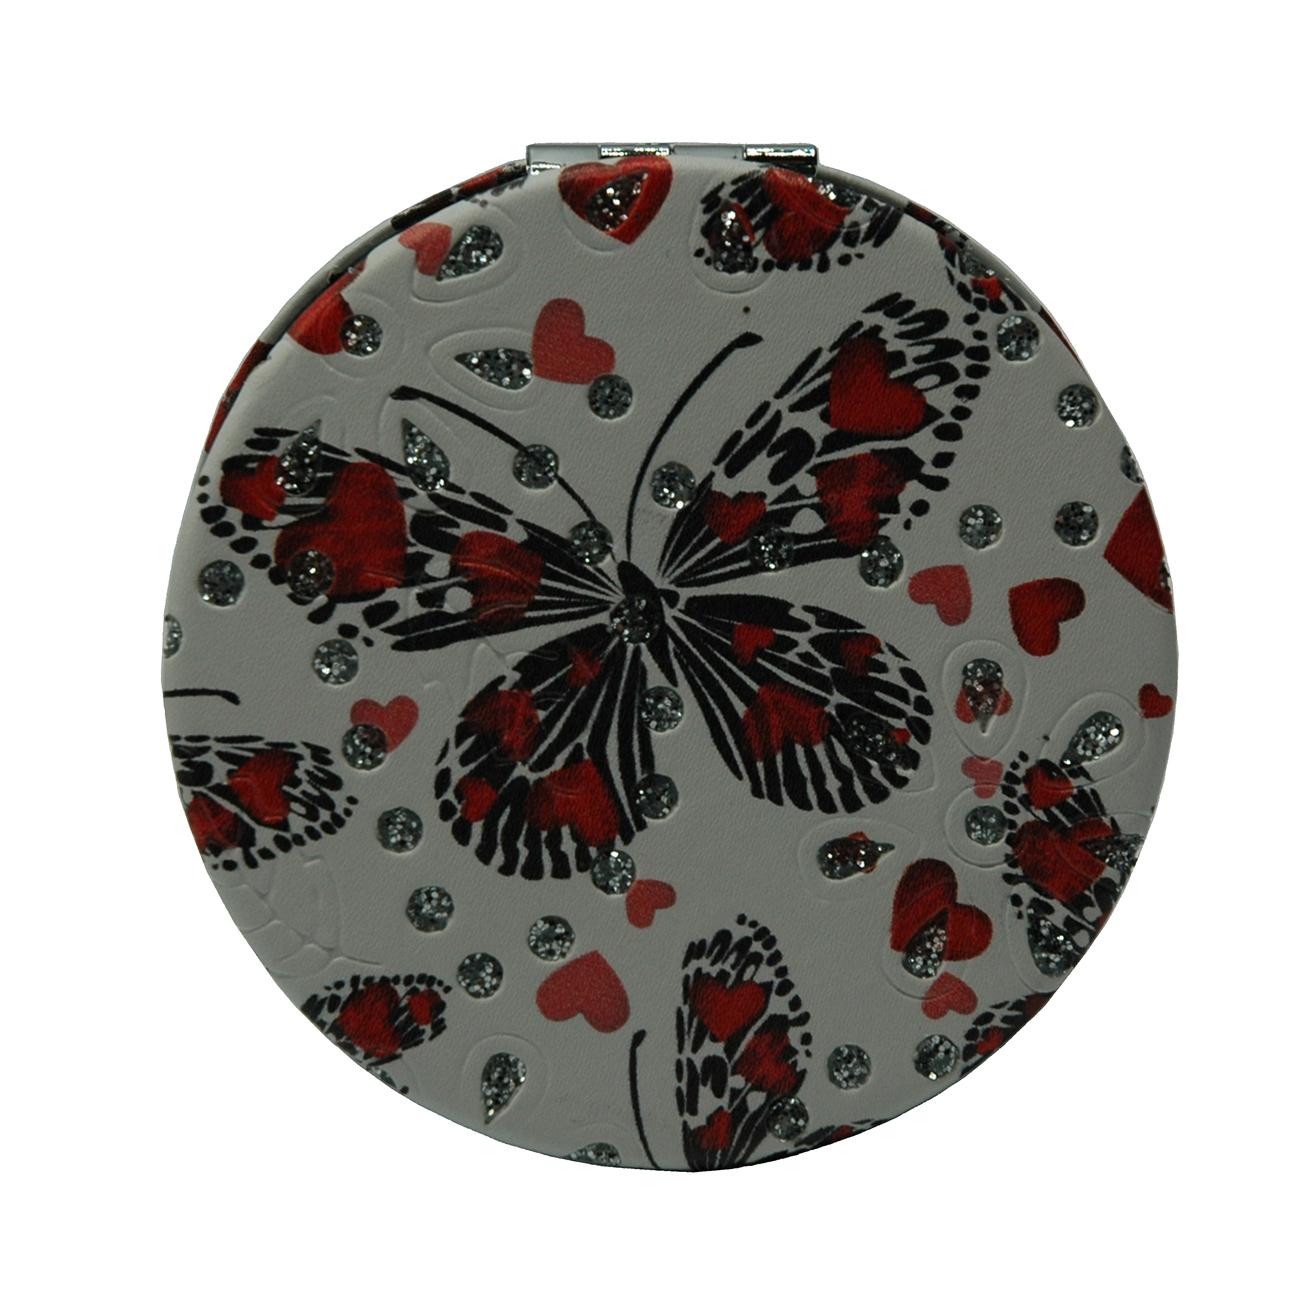 آینه جیبی طرح پروانه مدل 7-233942